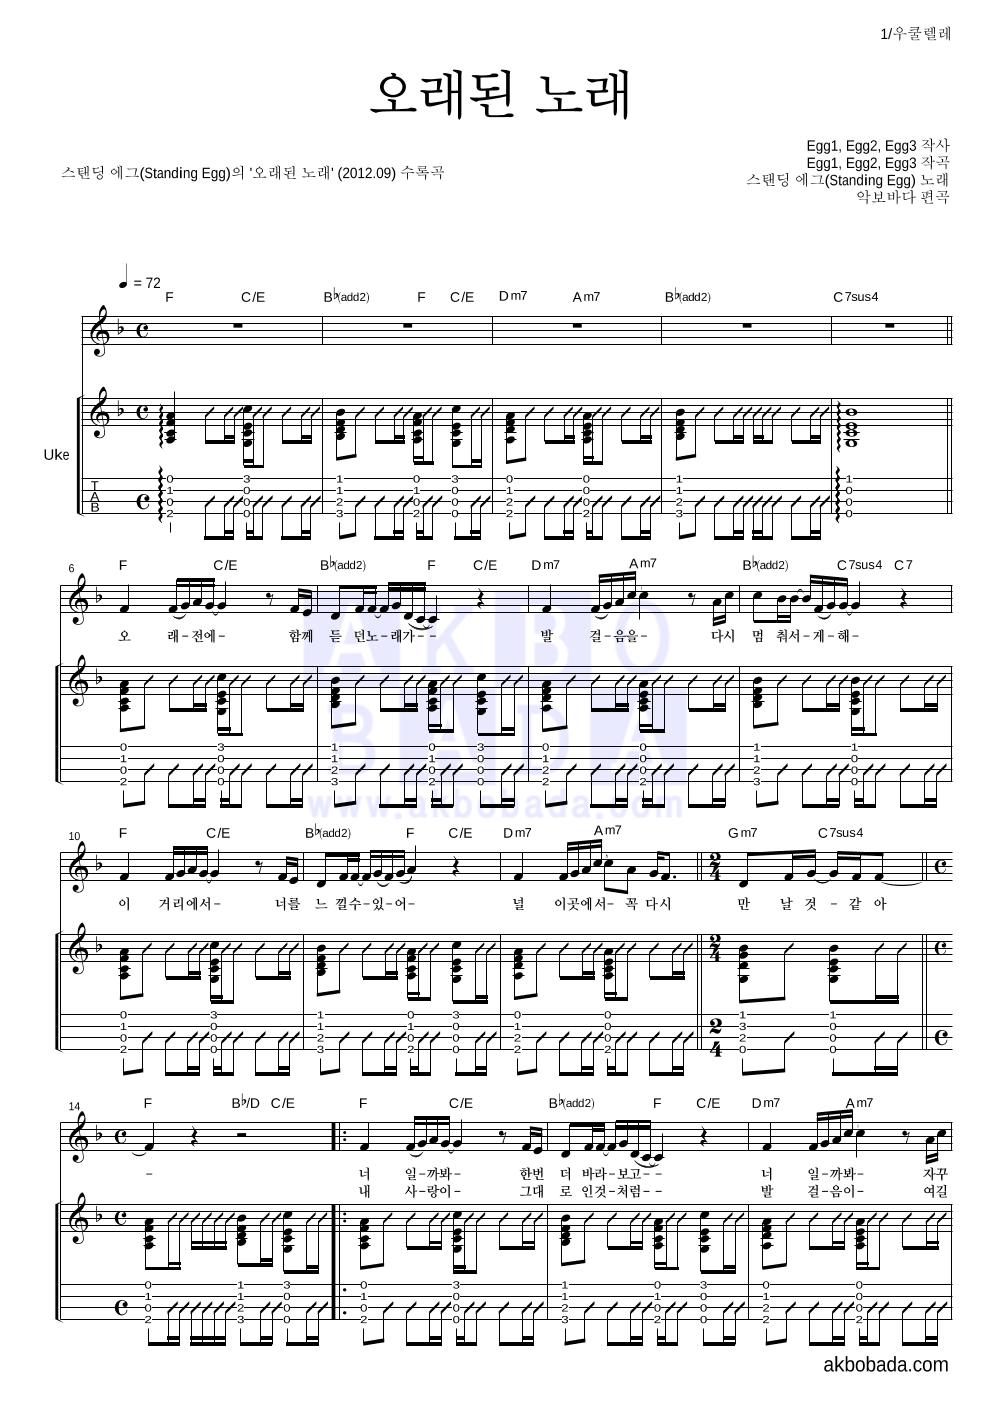 스탠딩 에그 - 오래된 노래 우쿨렐레 악보